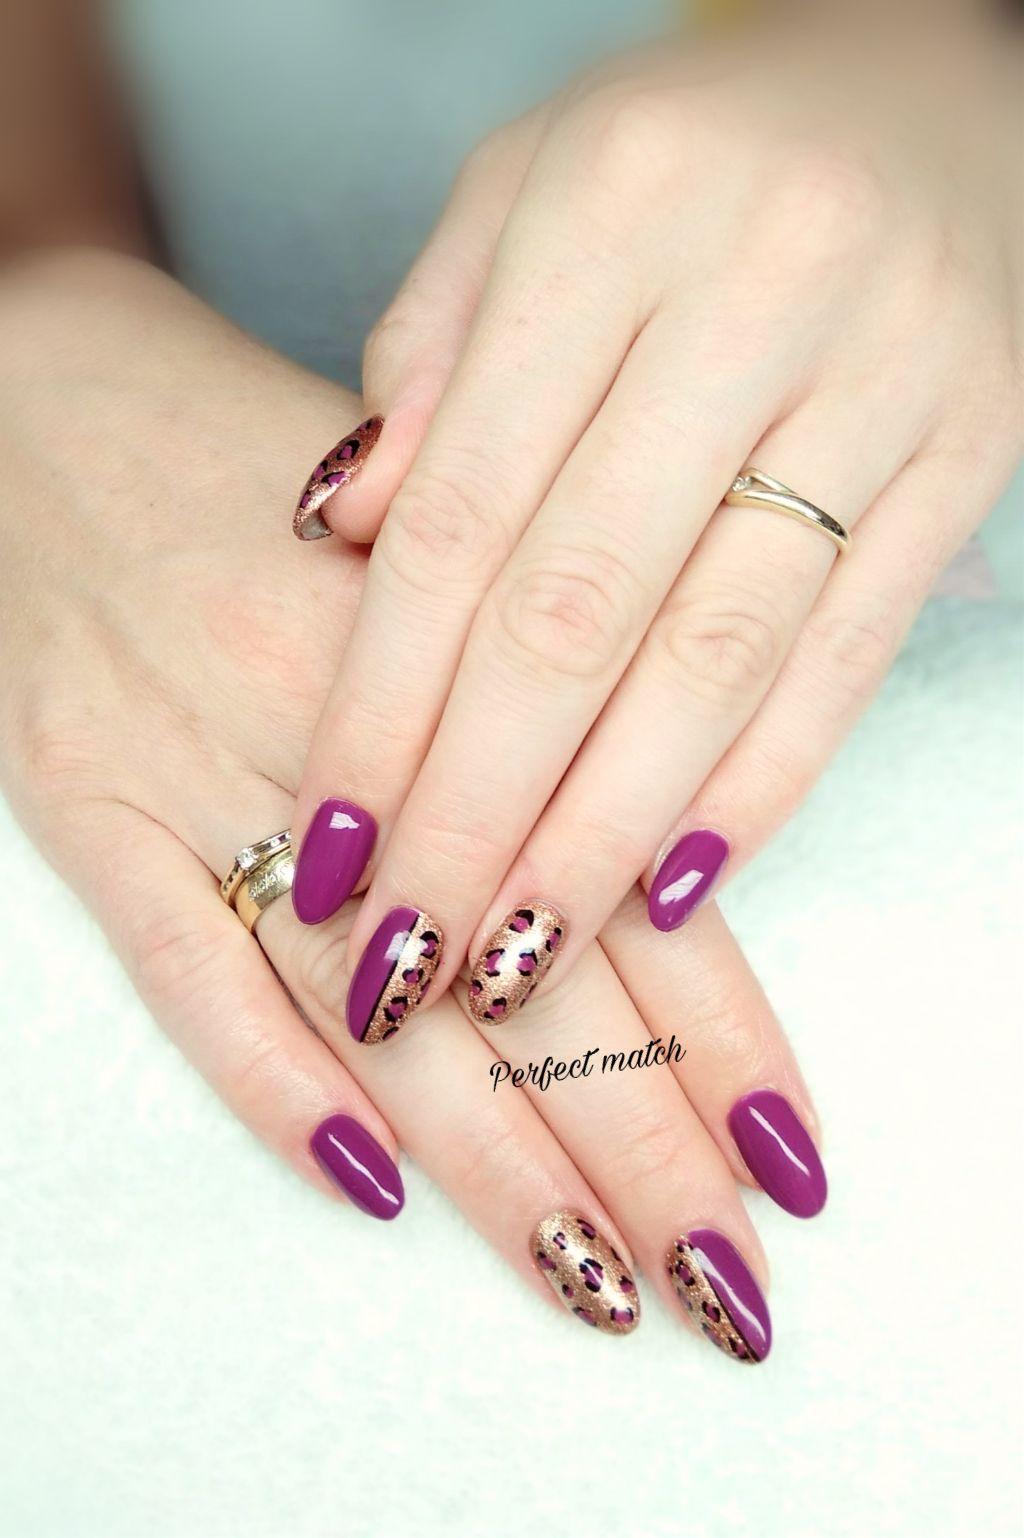 #freetoedit #nails #nail #fashion #style #photography #instapic #cute #beauty #beautiful #instagood #pretty #girl #girls #stylish #sparkles #styles #gliter #nailart